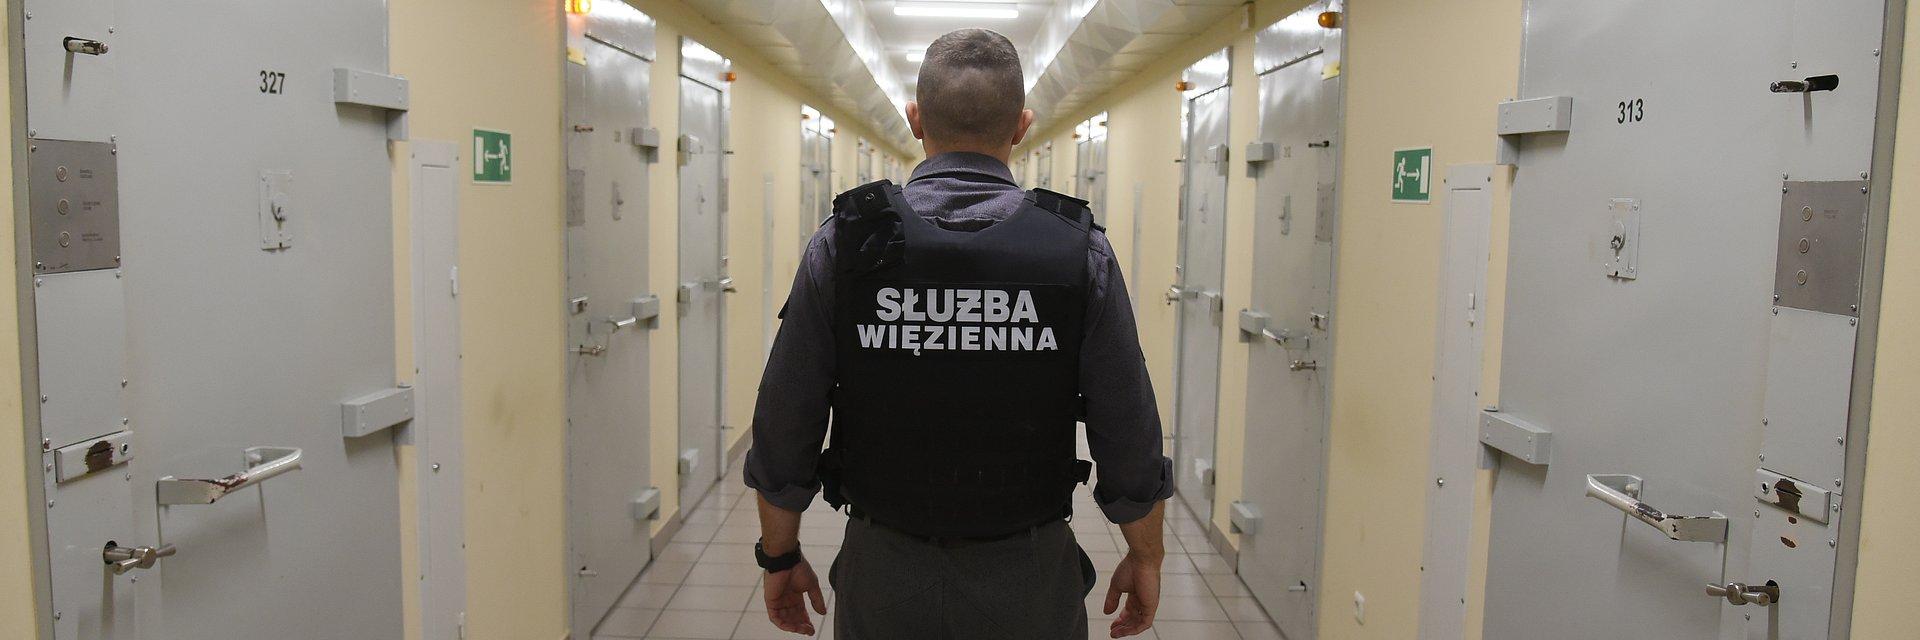 """""""Służba więzienna"""" - nowy program TVN Turbo"""